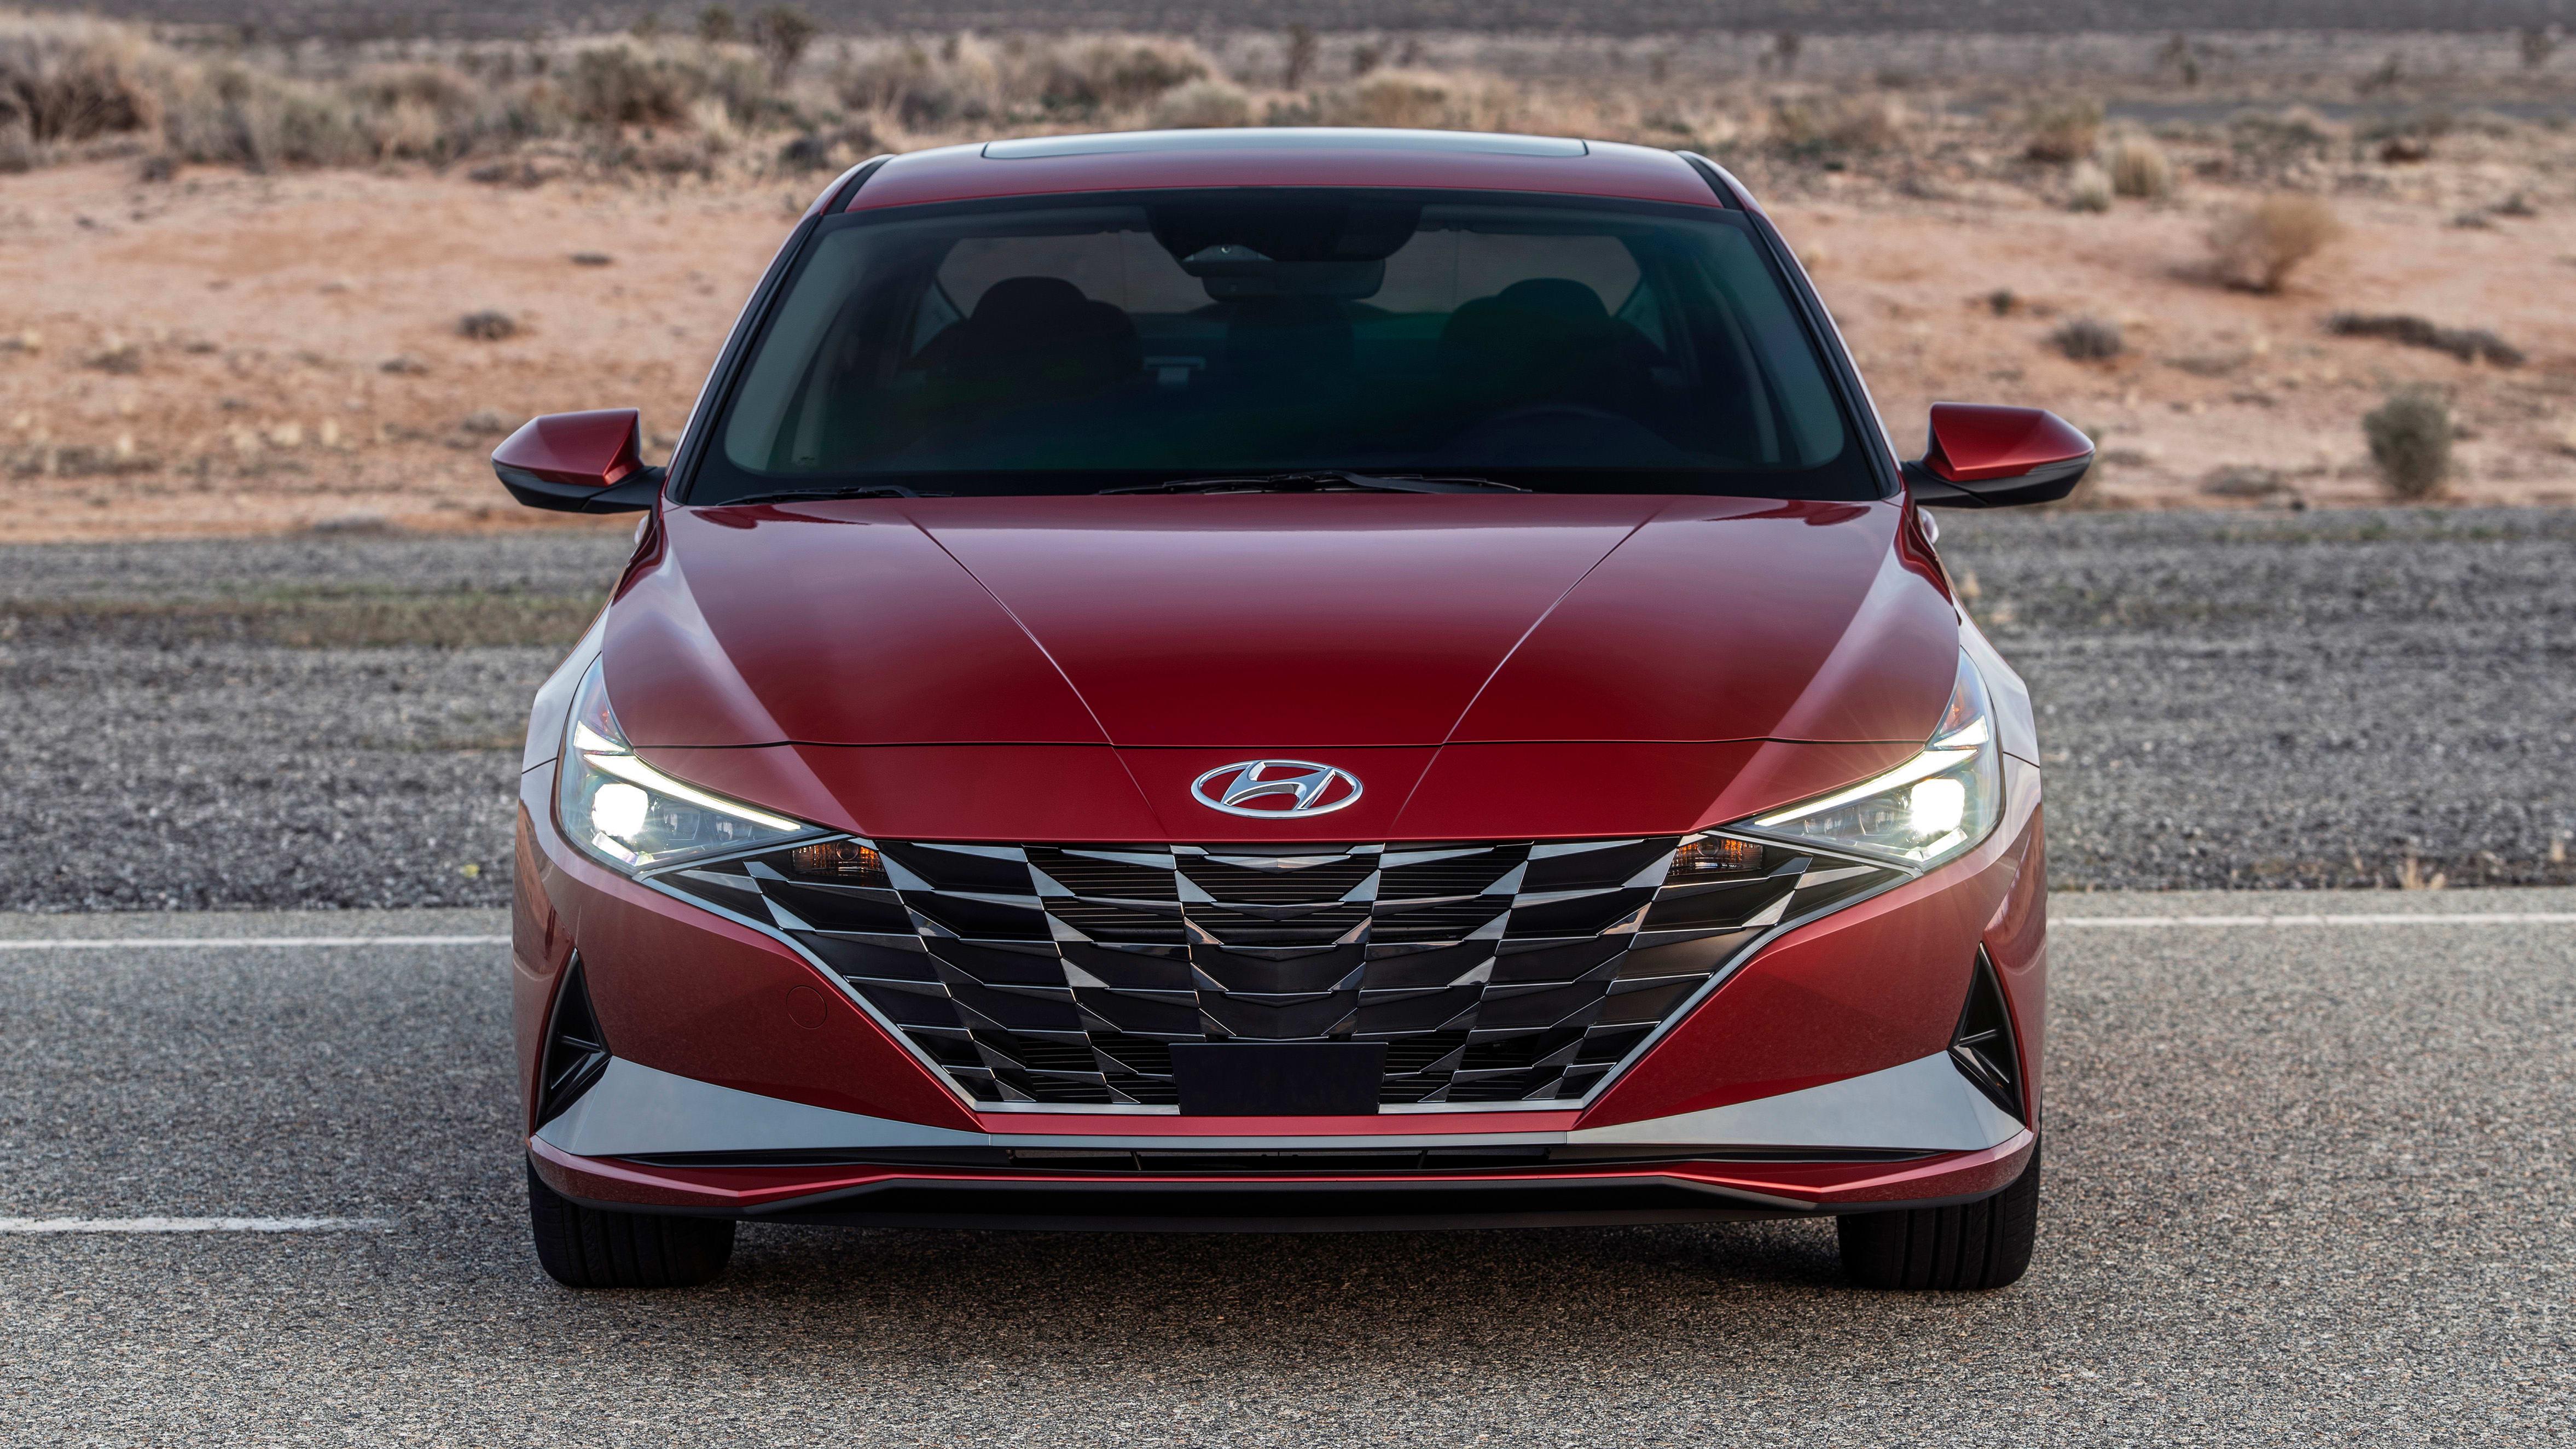 2021 Hyundai I30 Sedan Elantra Revealed Caradvice